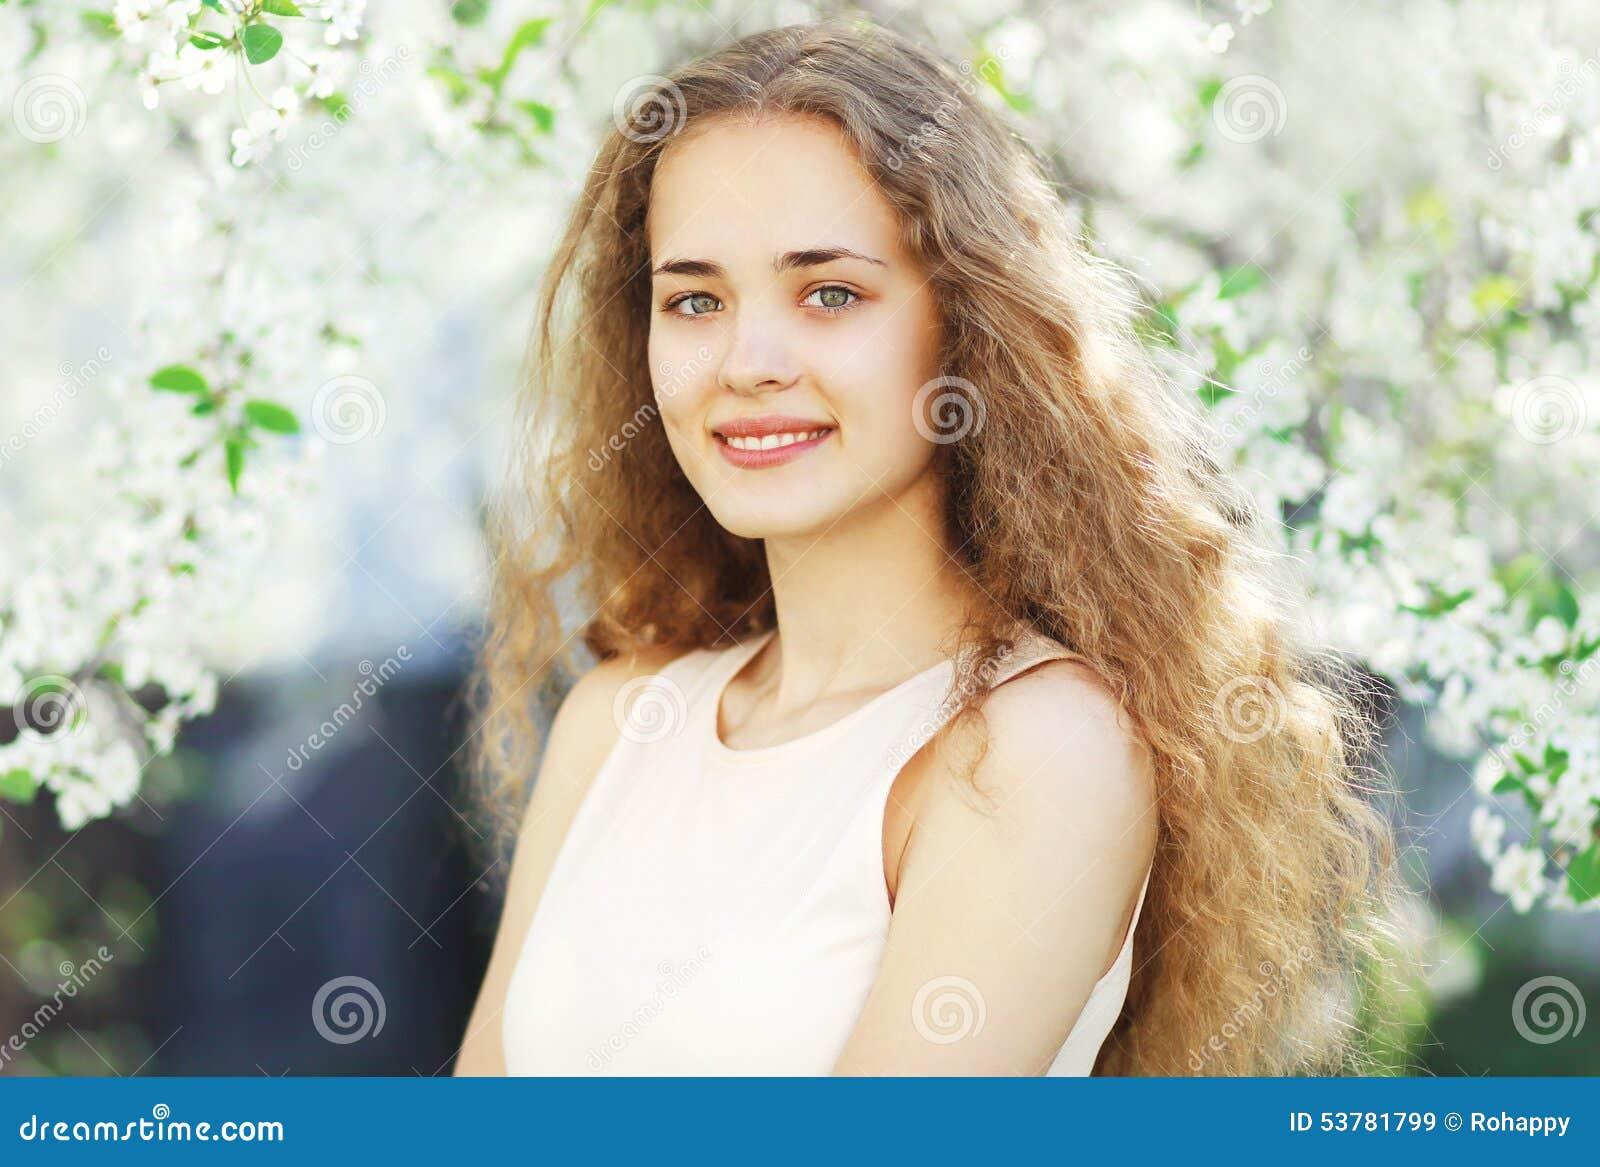 Wiosna portret śliczna dziewczyna w kwiatonośnym ogródzie